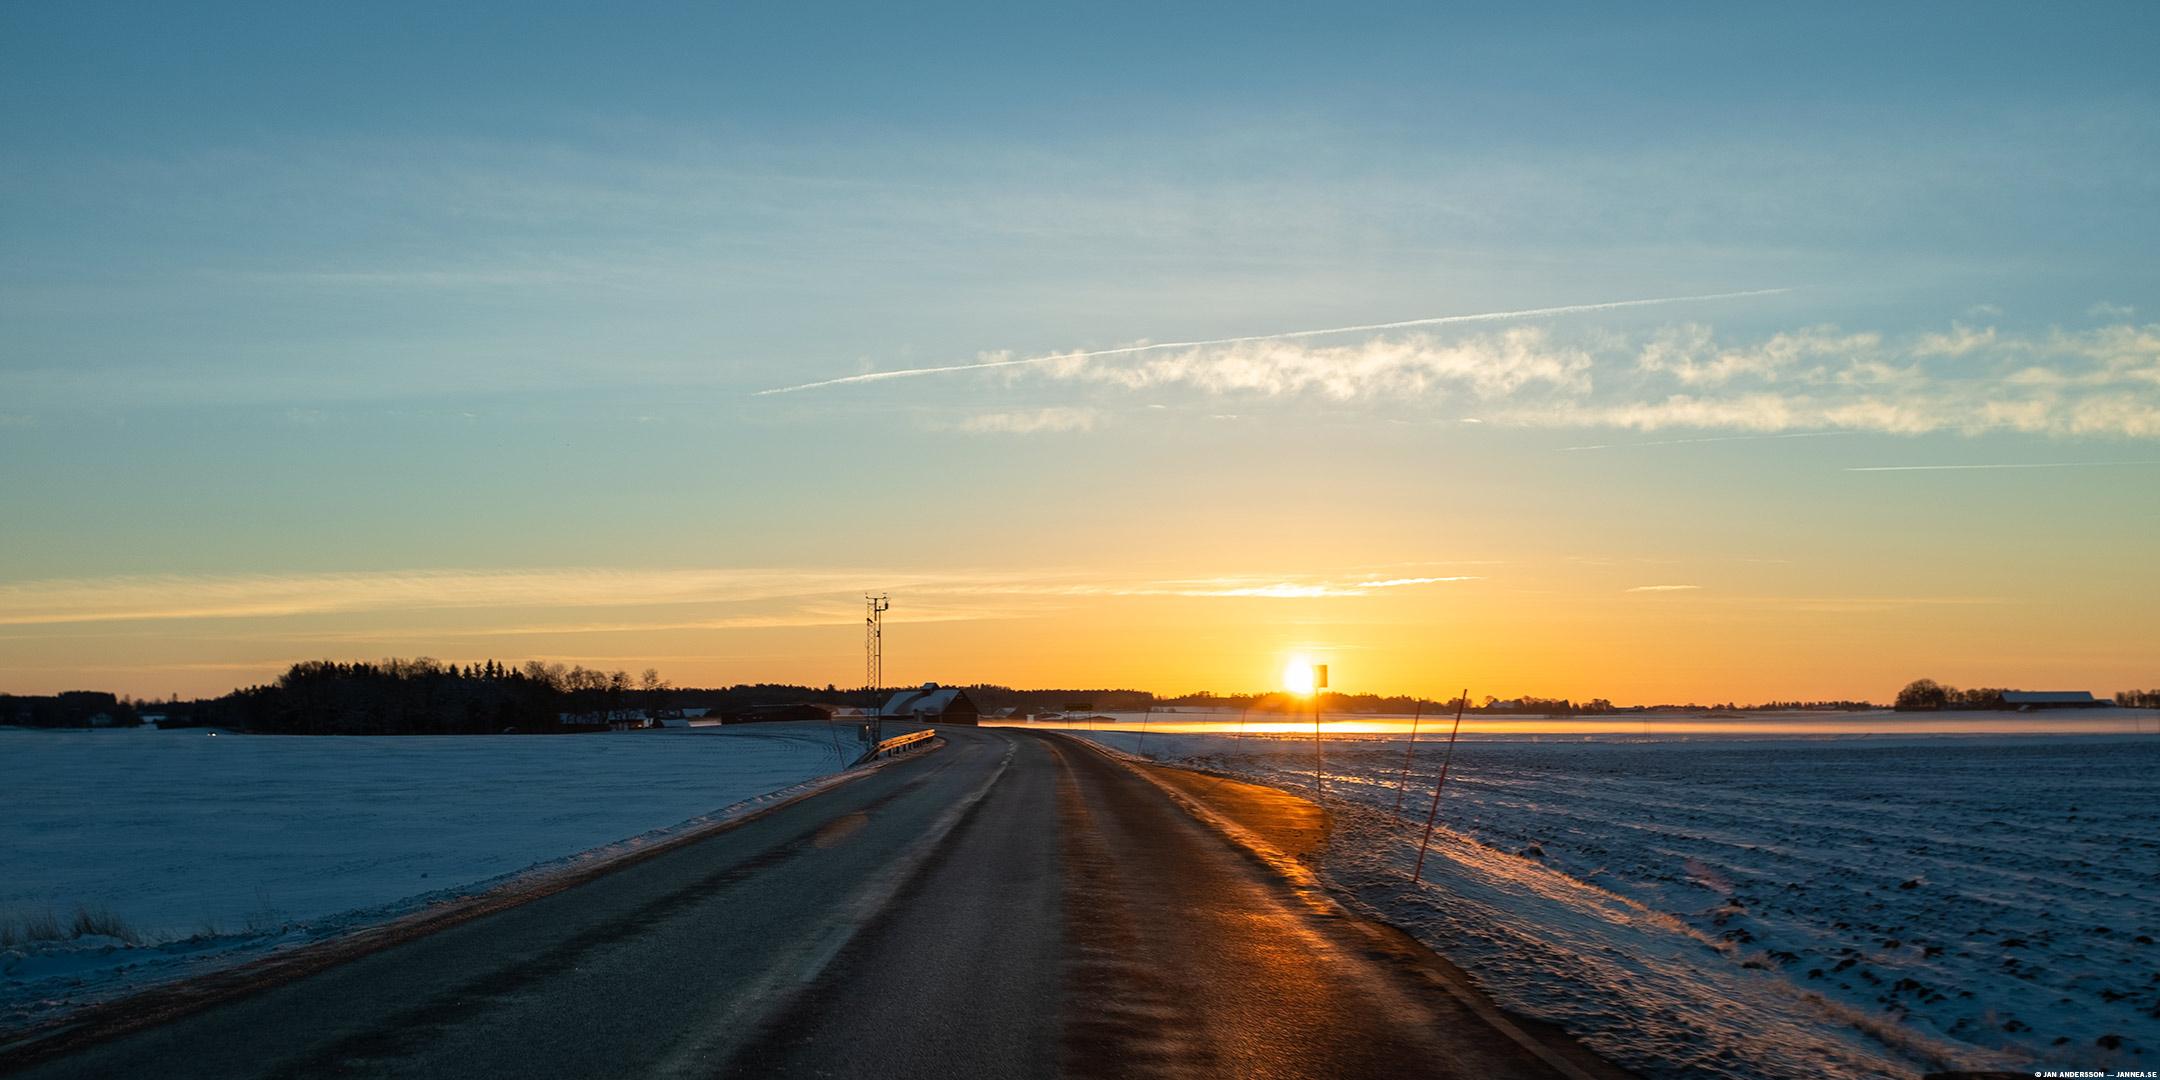 Det var en frisk morgon på väg till jobbet | © Jan Andersson